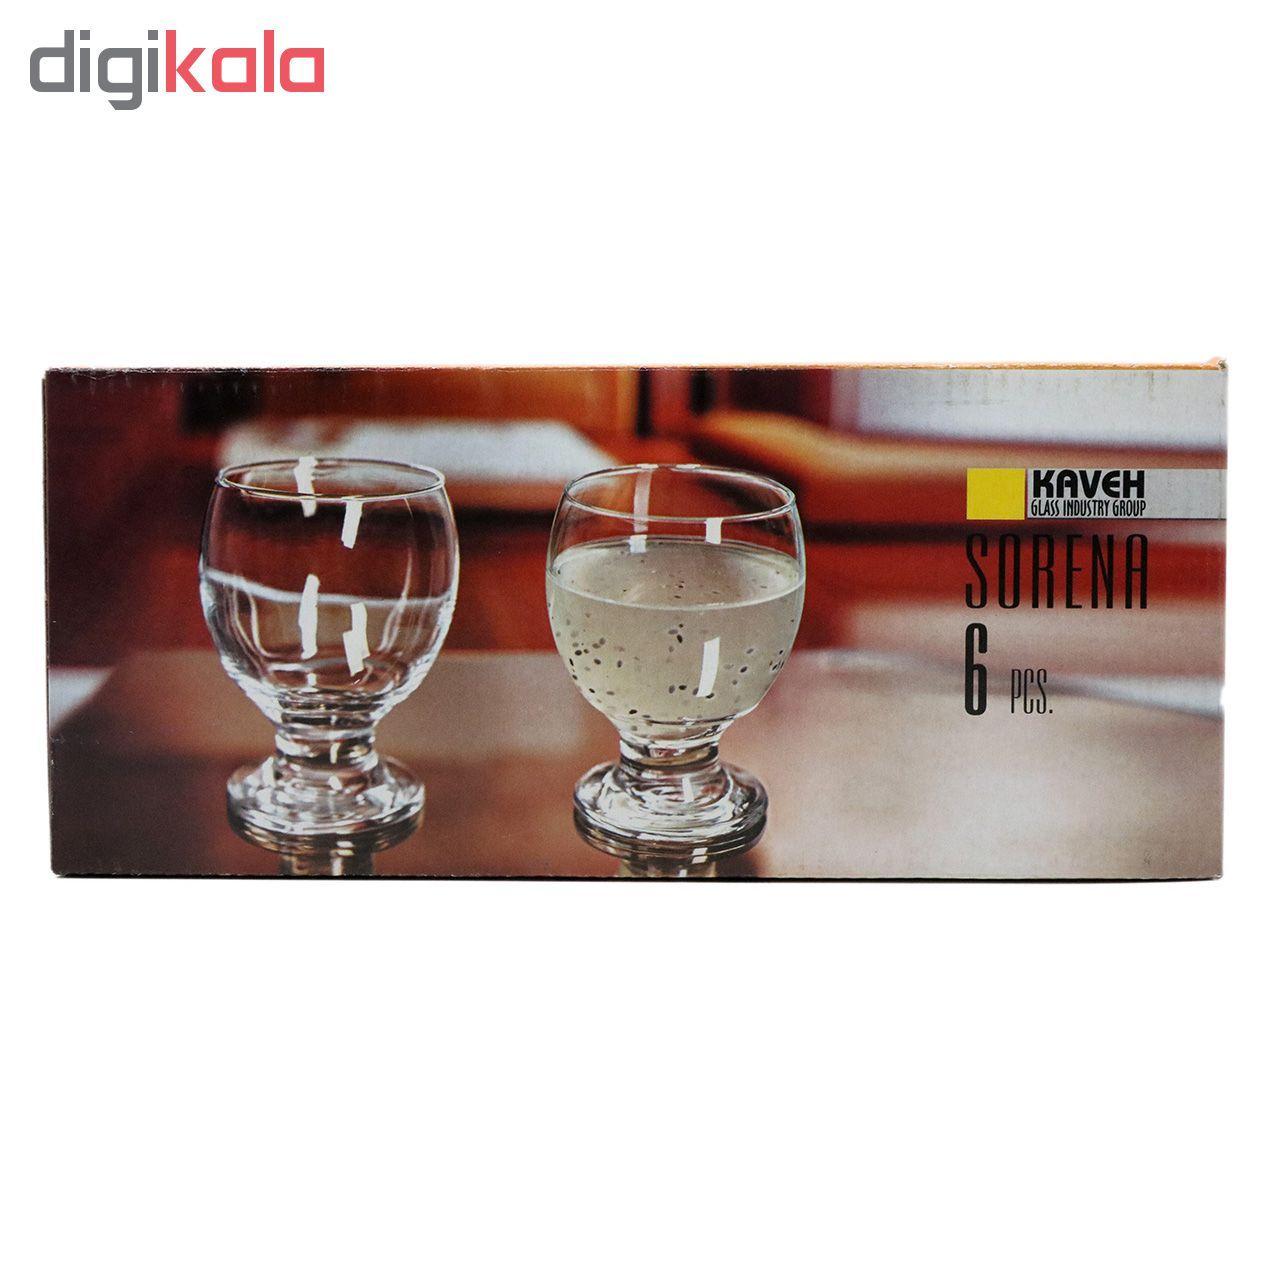 مشخصات قیمت و خرید نیم لیوان کاوه مدل Sorena بسته 6 عددی دیجی کالا